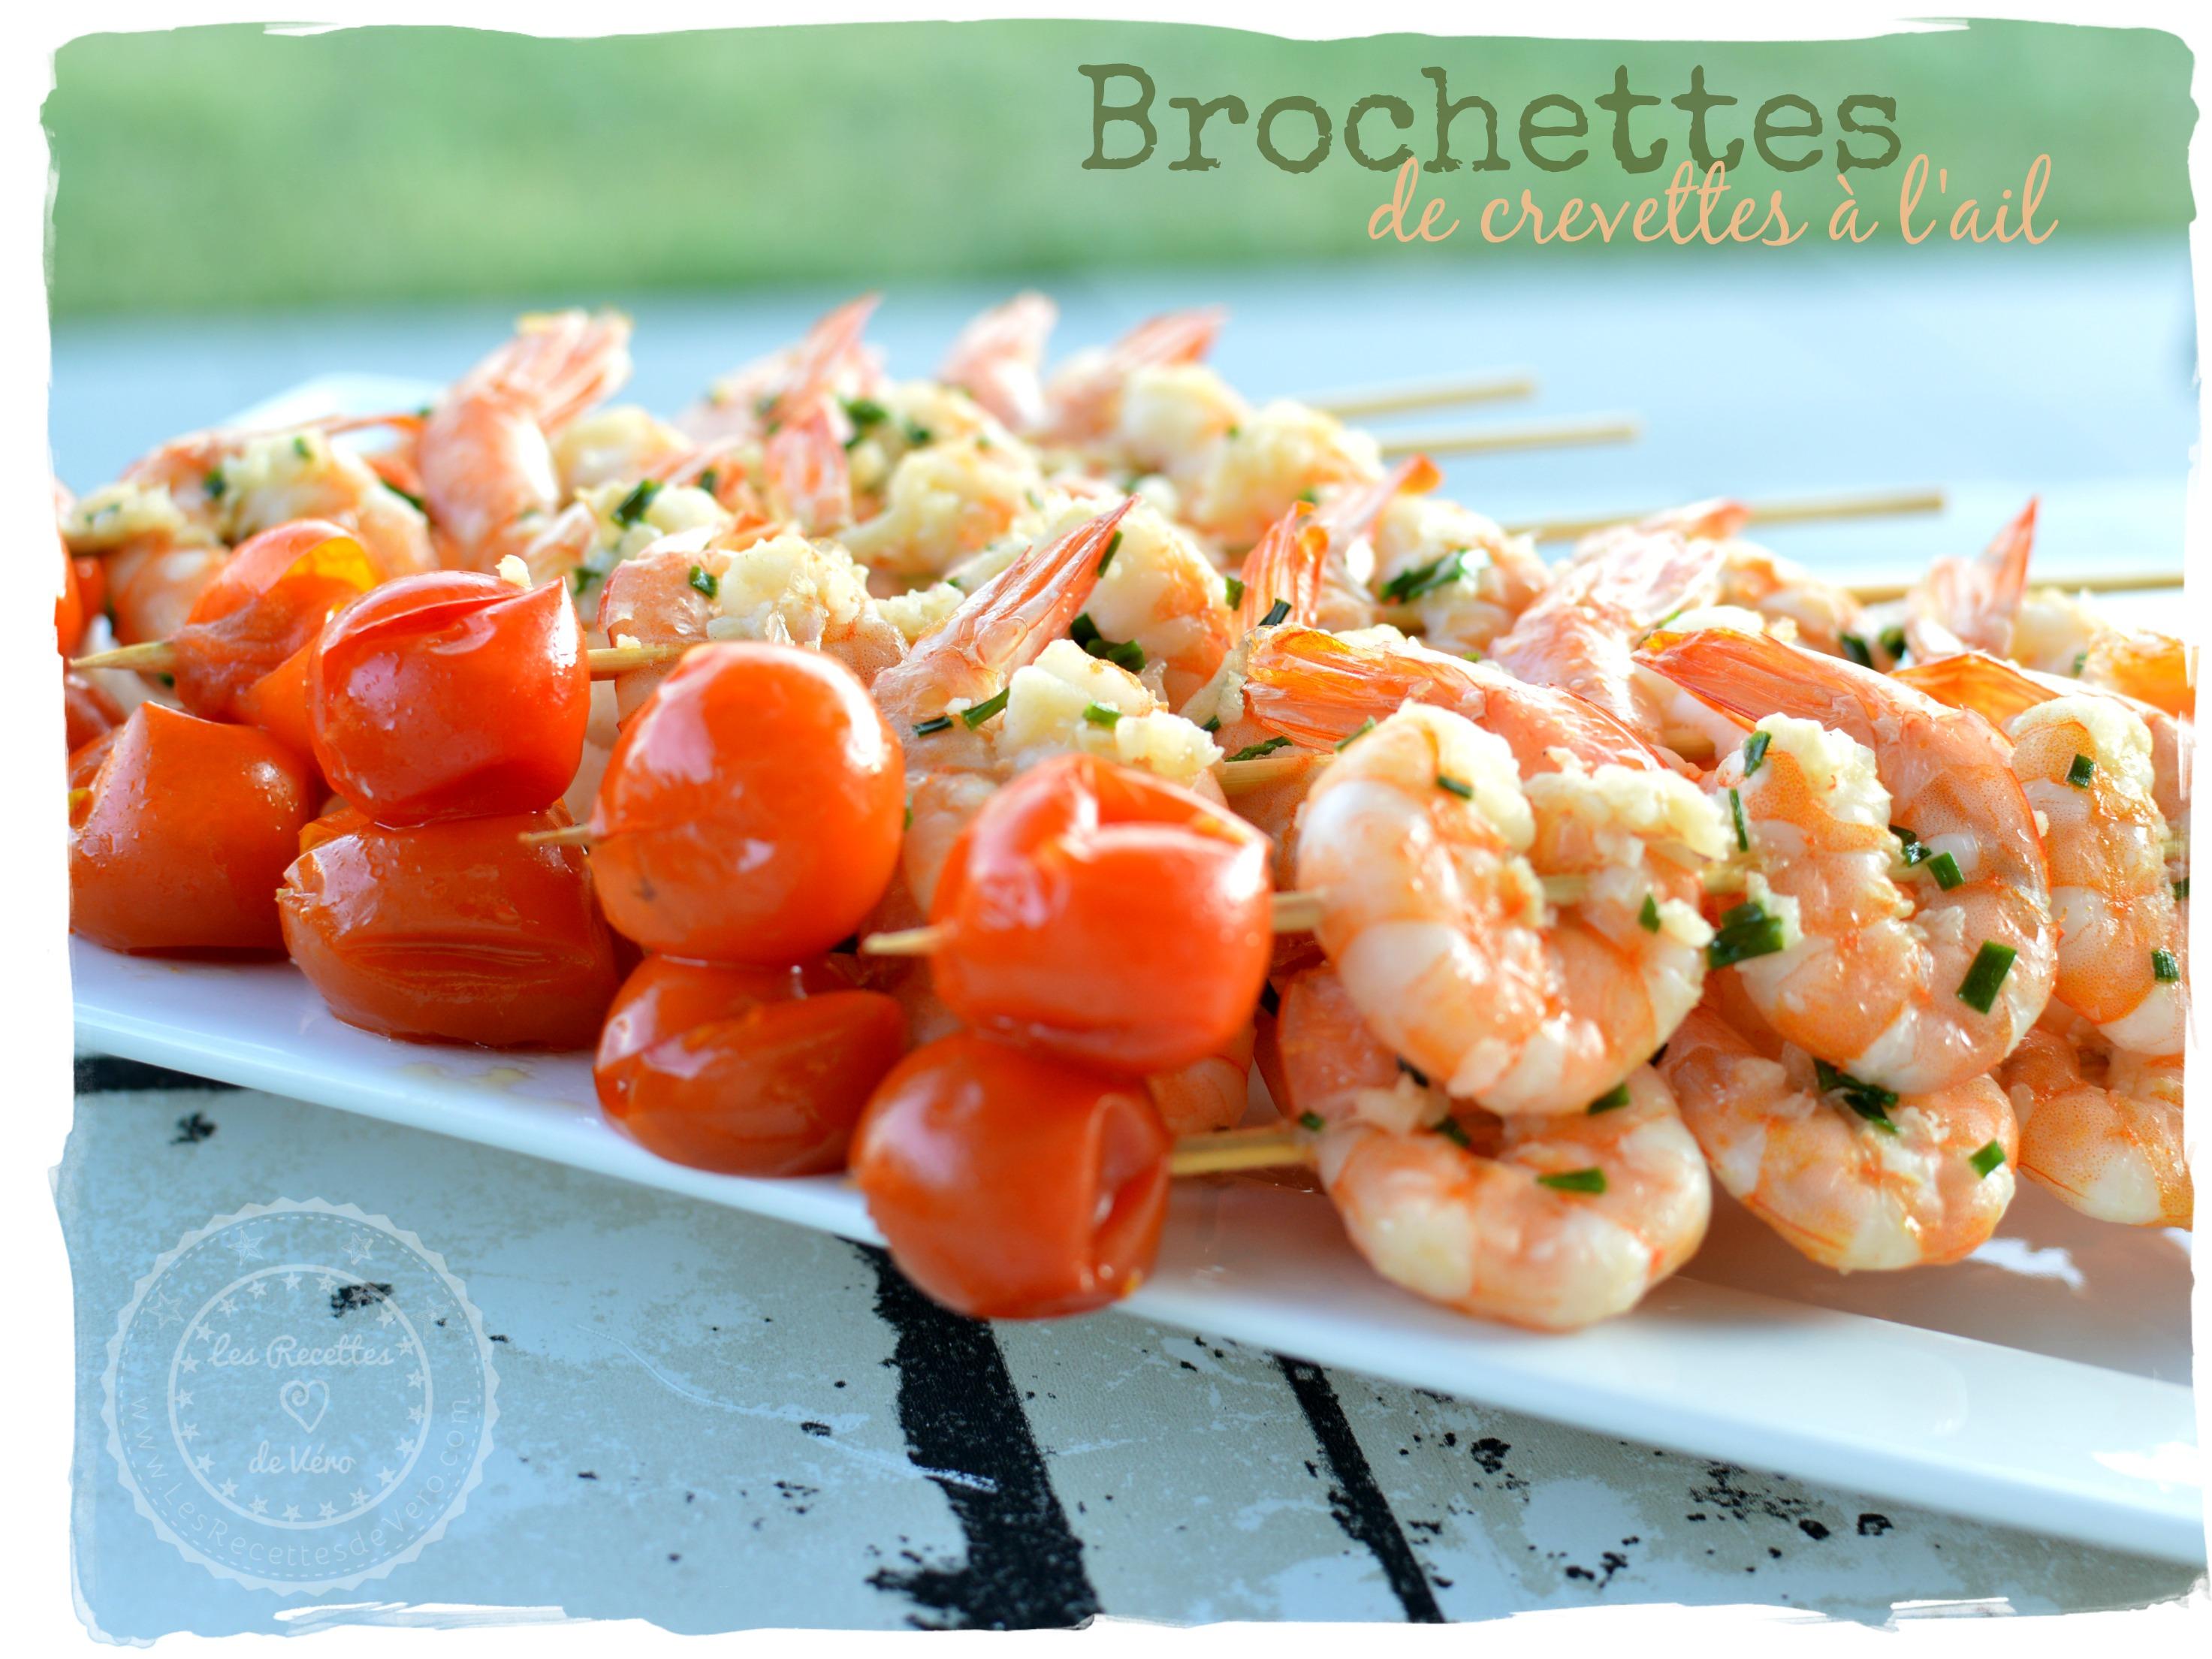 brochettes de crevettes à l'ail